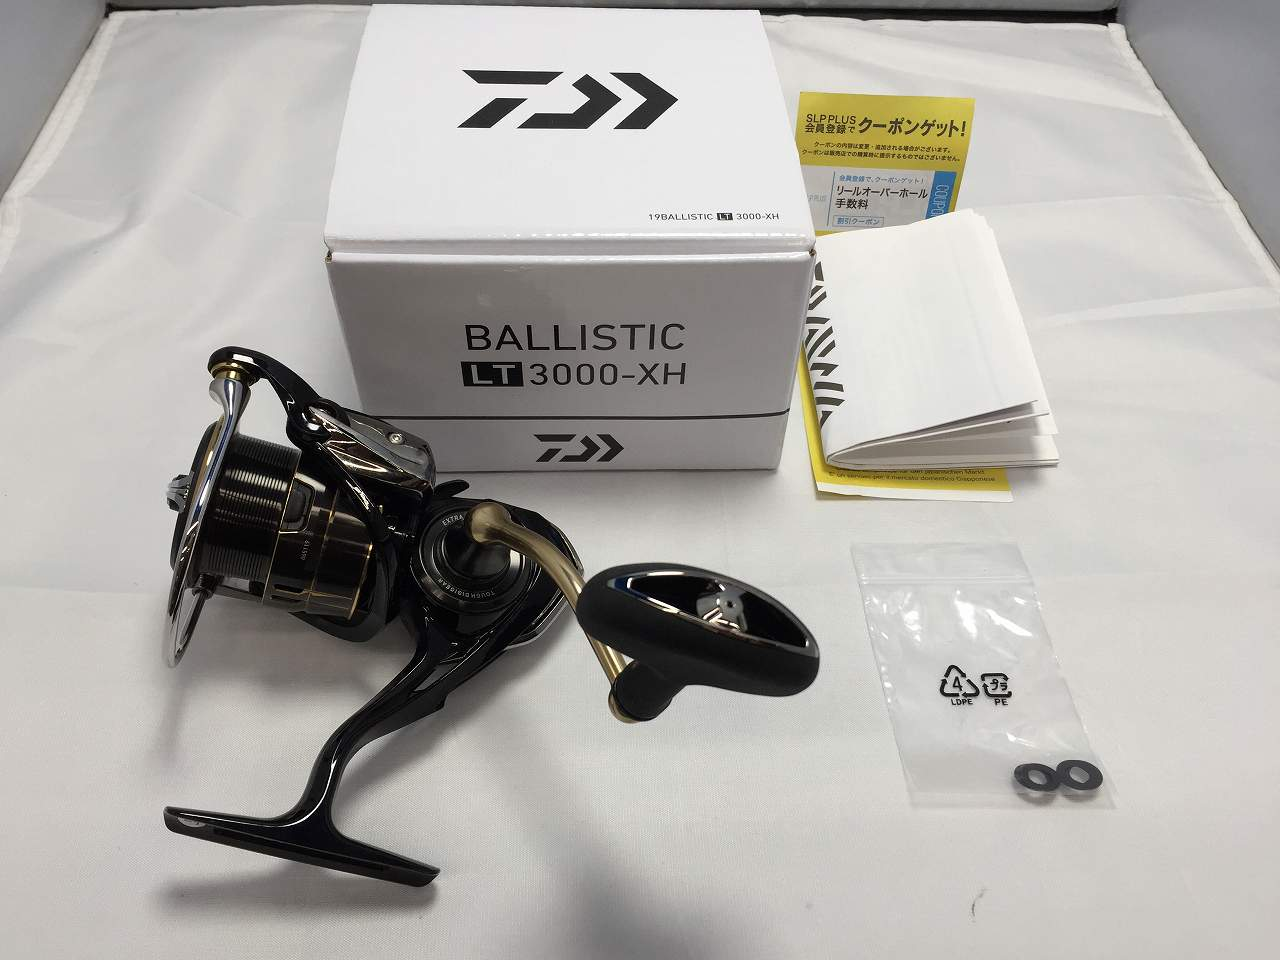 △△【中古】ダイワ Daiwa 19バリスティック LT3000-XH BALLISTIC